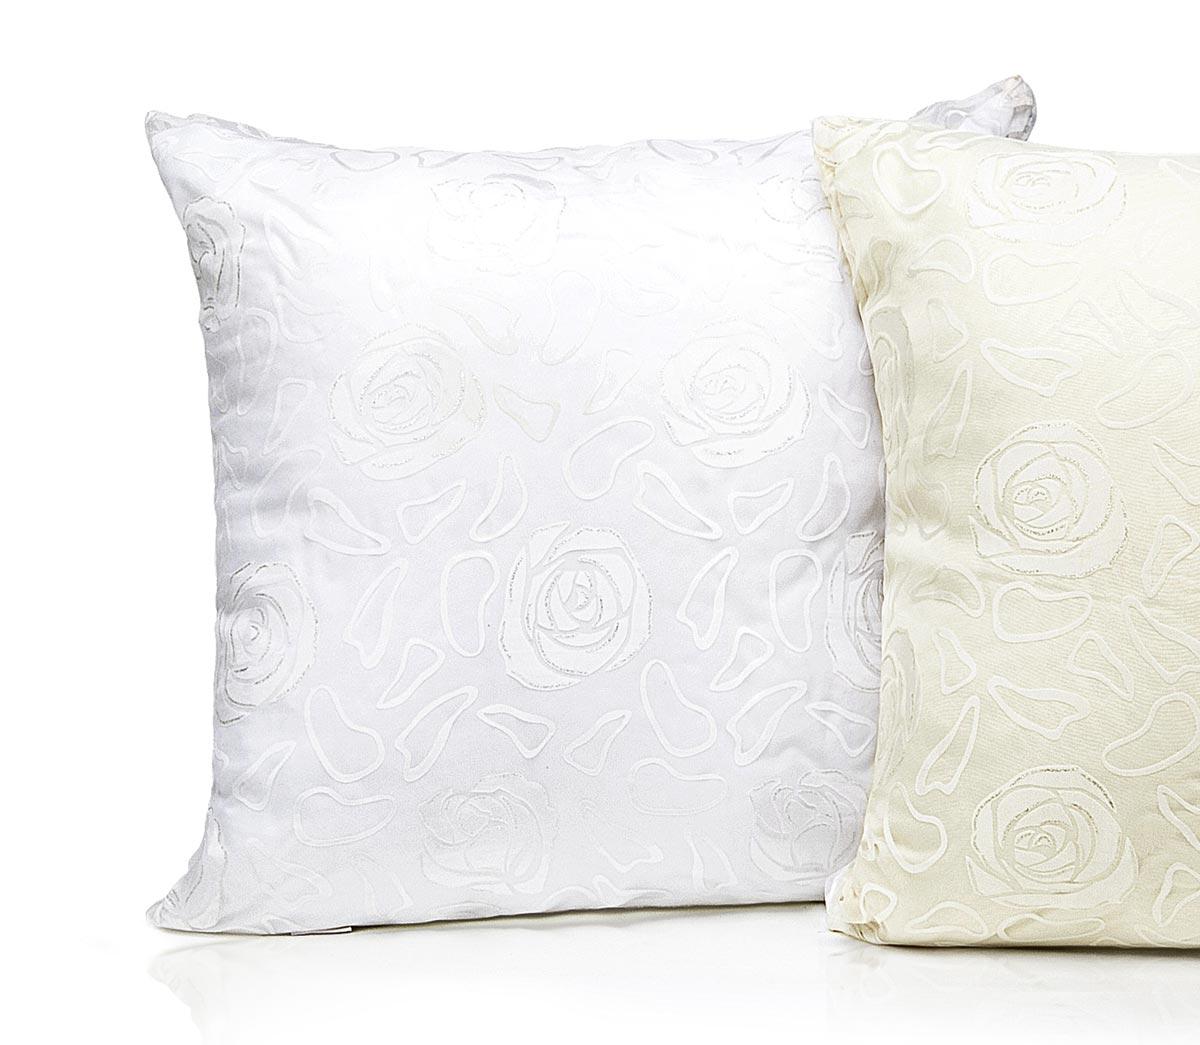 Almofada Bella Fiori com Enchimento - Tecido Trabalhado - Branco